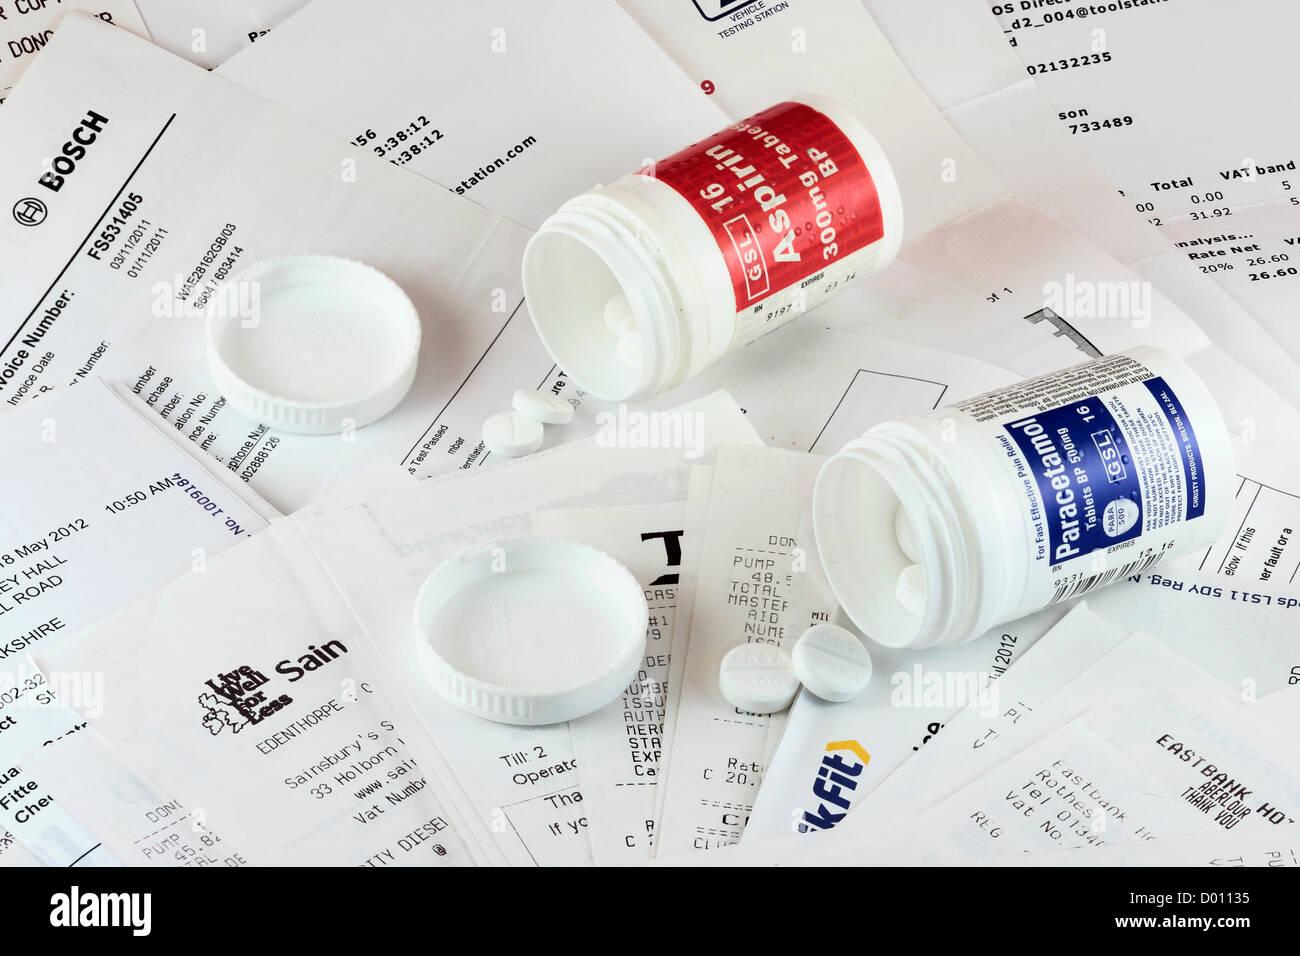 Reçus, factures et des analgésiques Photo Stock